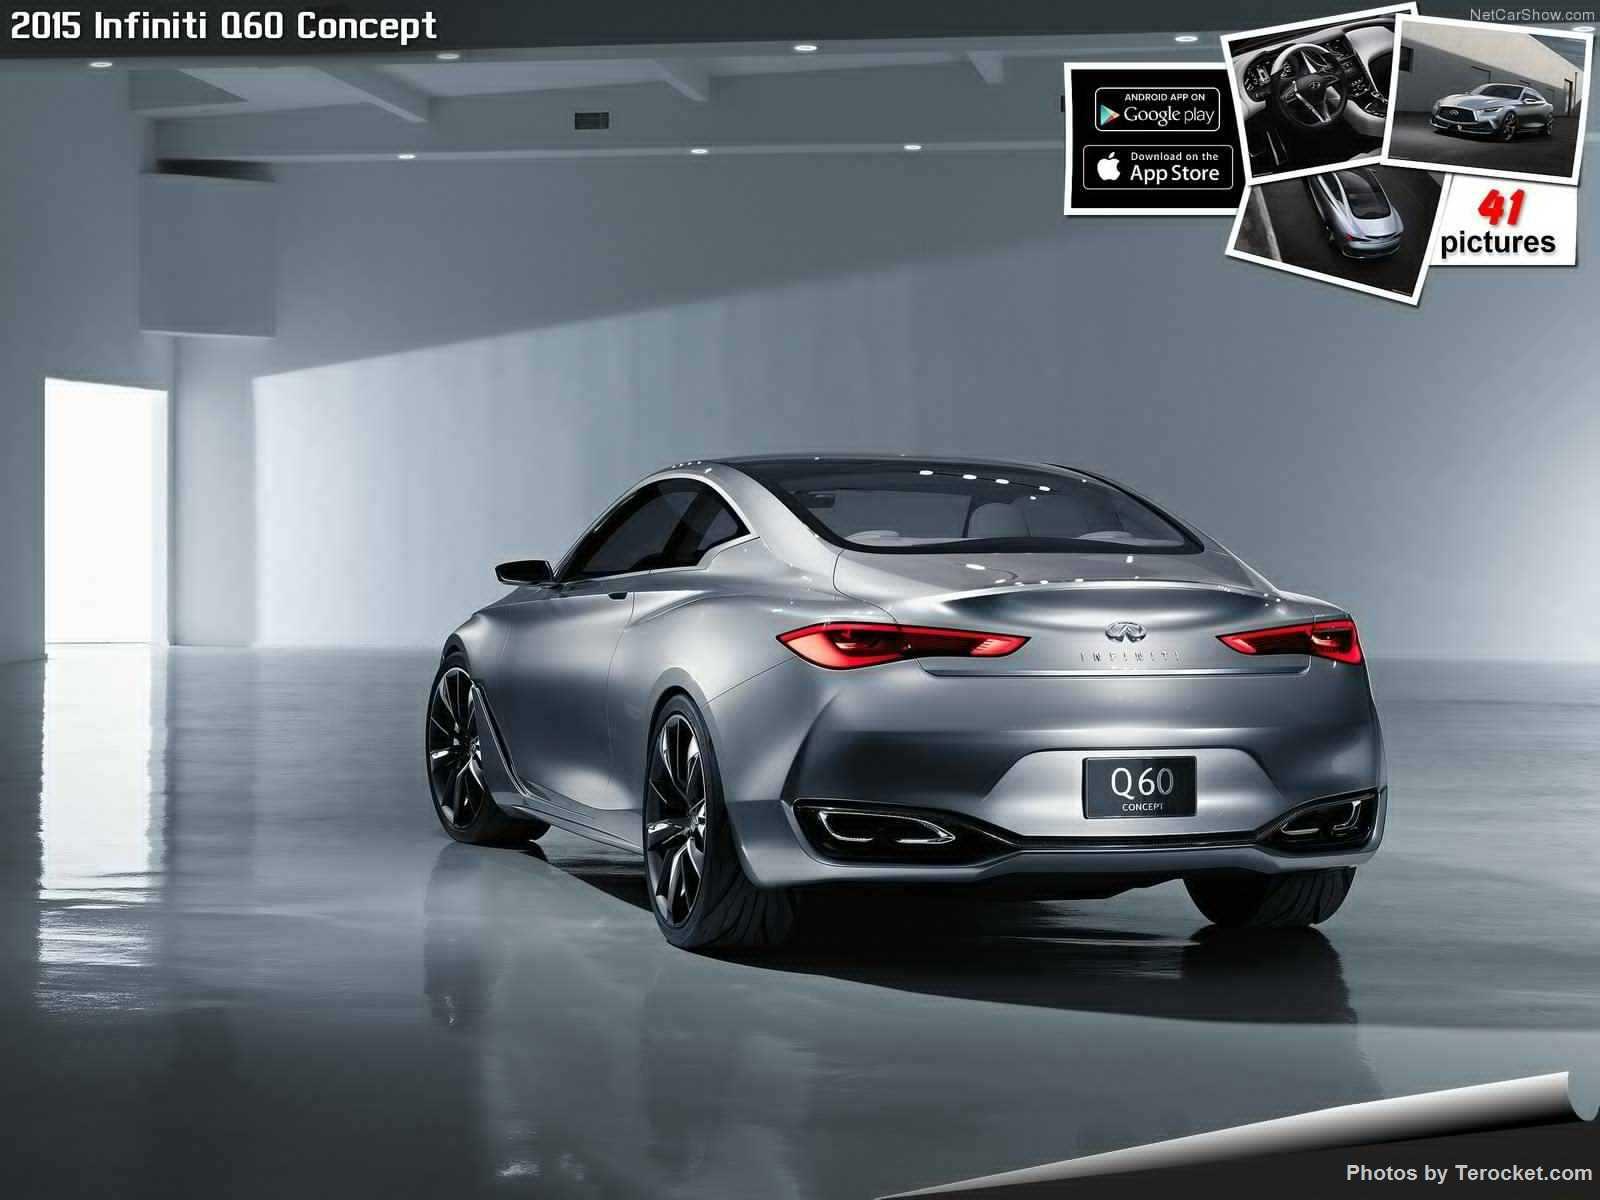 Hình ảnh xe ô tô Infiniti Q60 Concept 2015 & nội ngoại thất